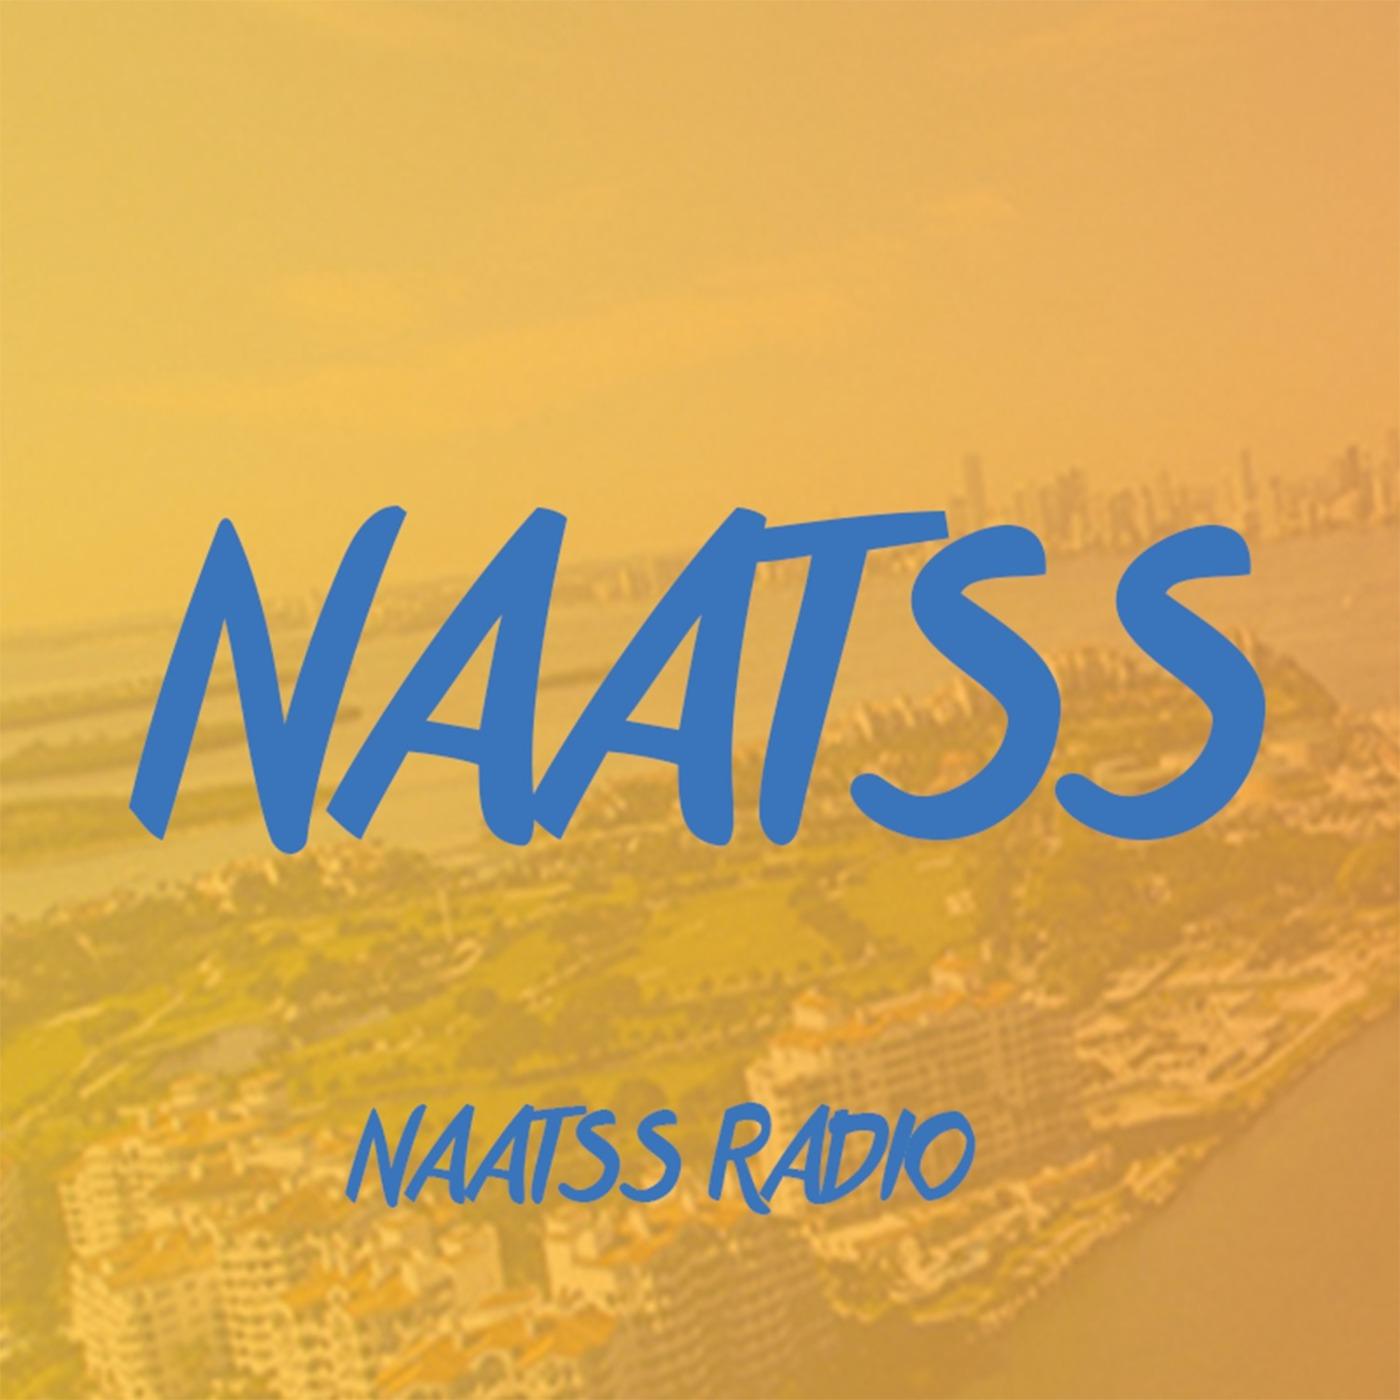 Naatss' Radio 1